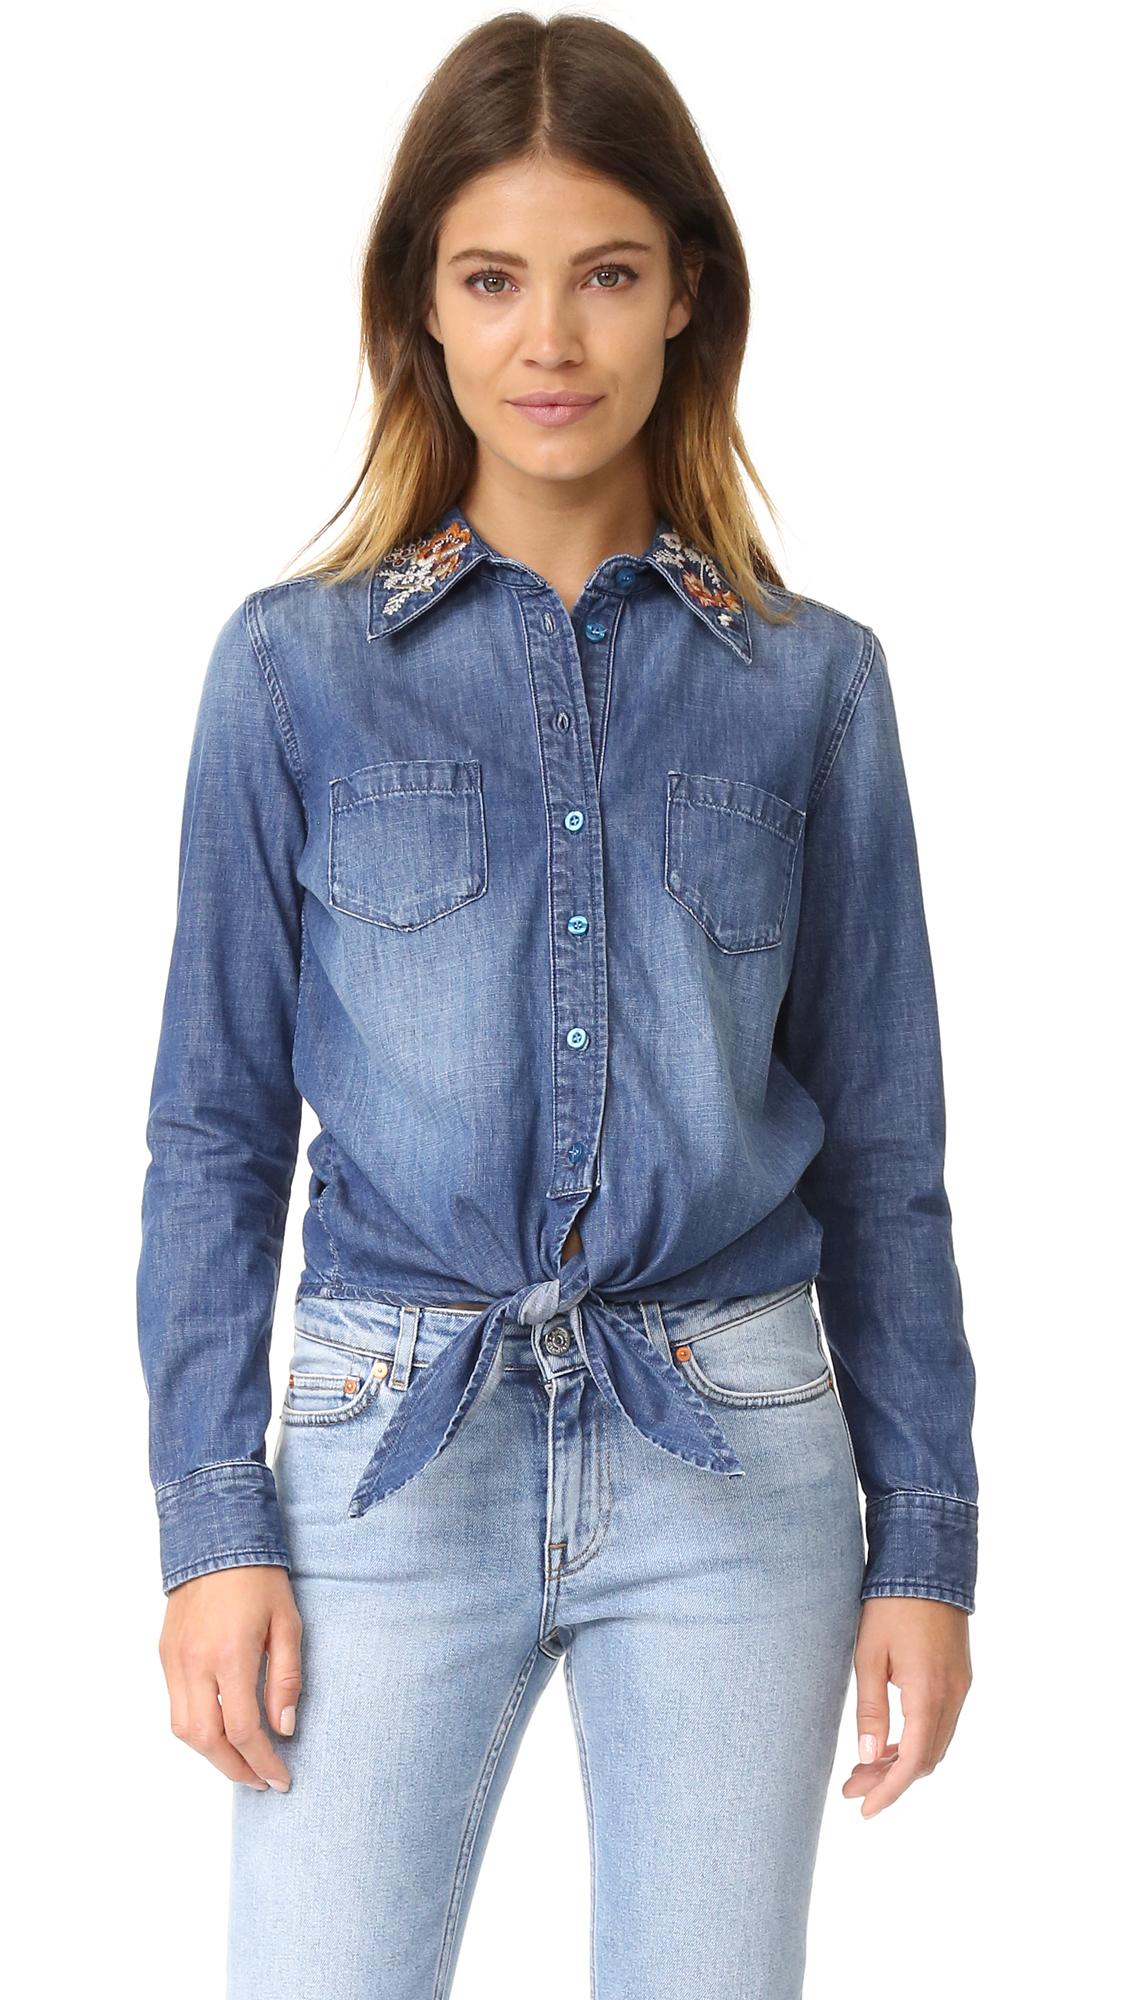 Driftwood Charlotte Shirt - Medium Chambray at Shopbop